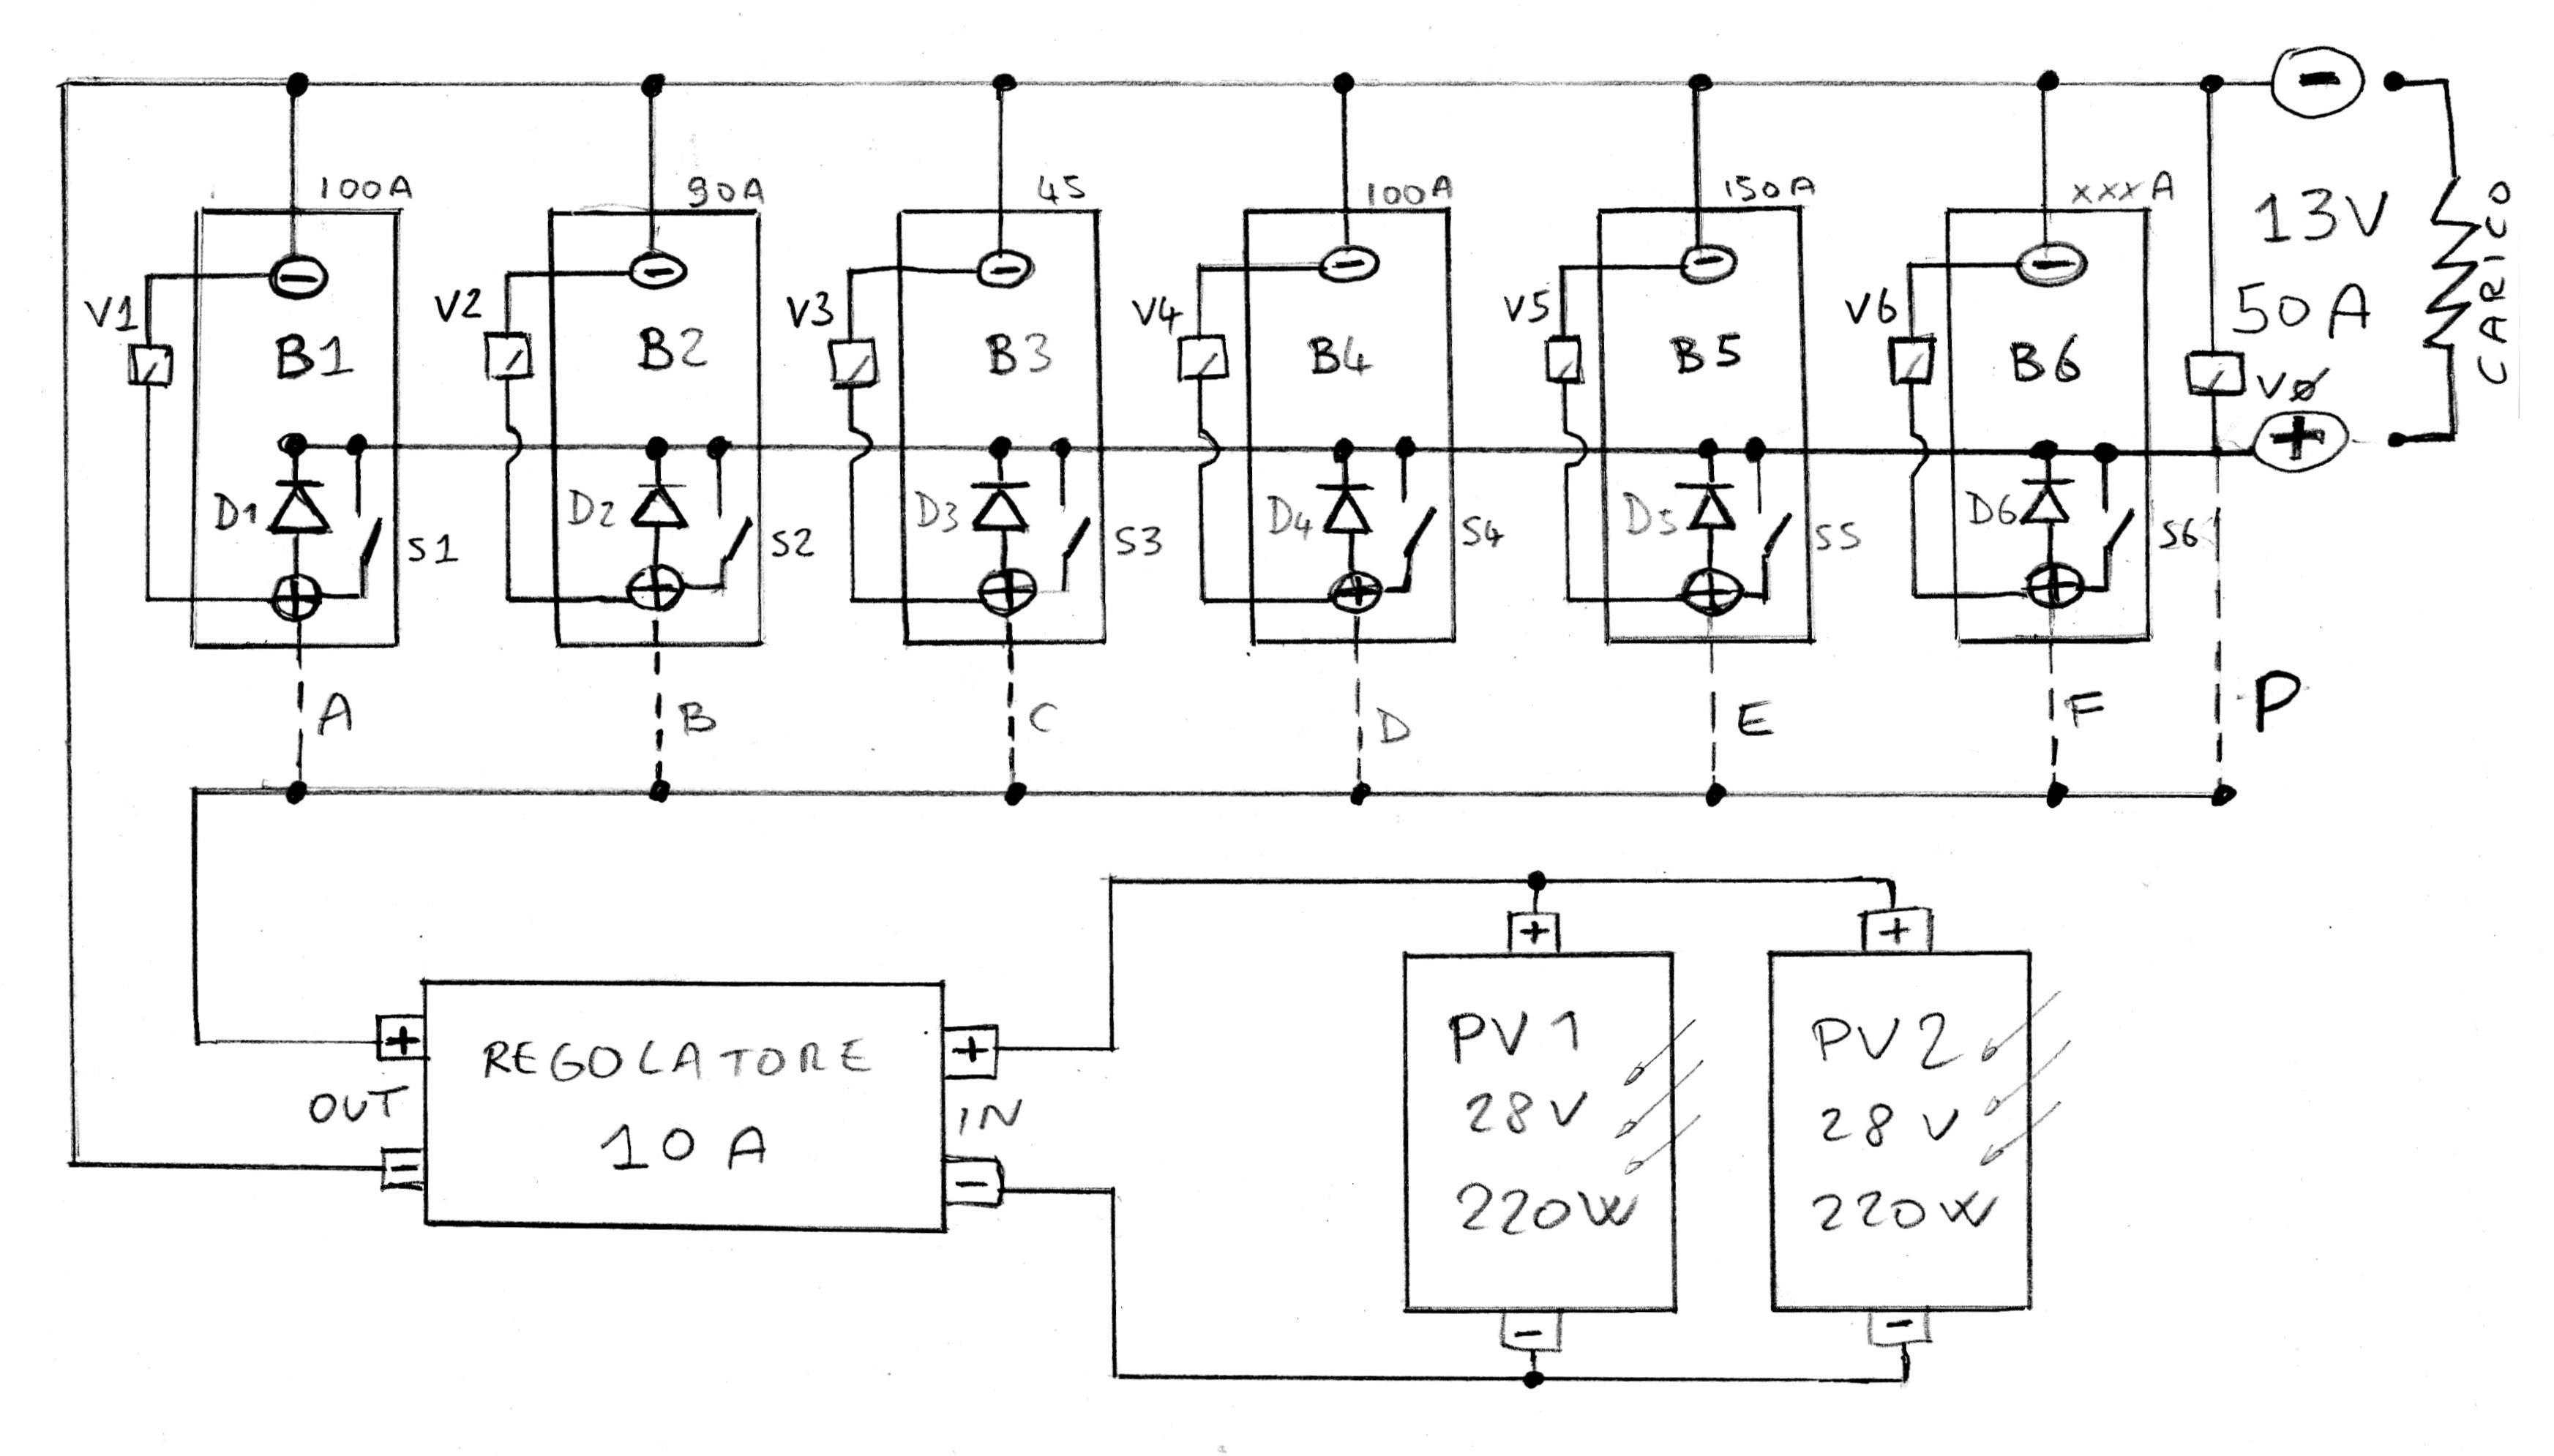 Schema Elettrico Regolatore Di Carica Per Pannelli Solari : Impianto a pannelli solari e batterie